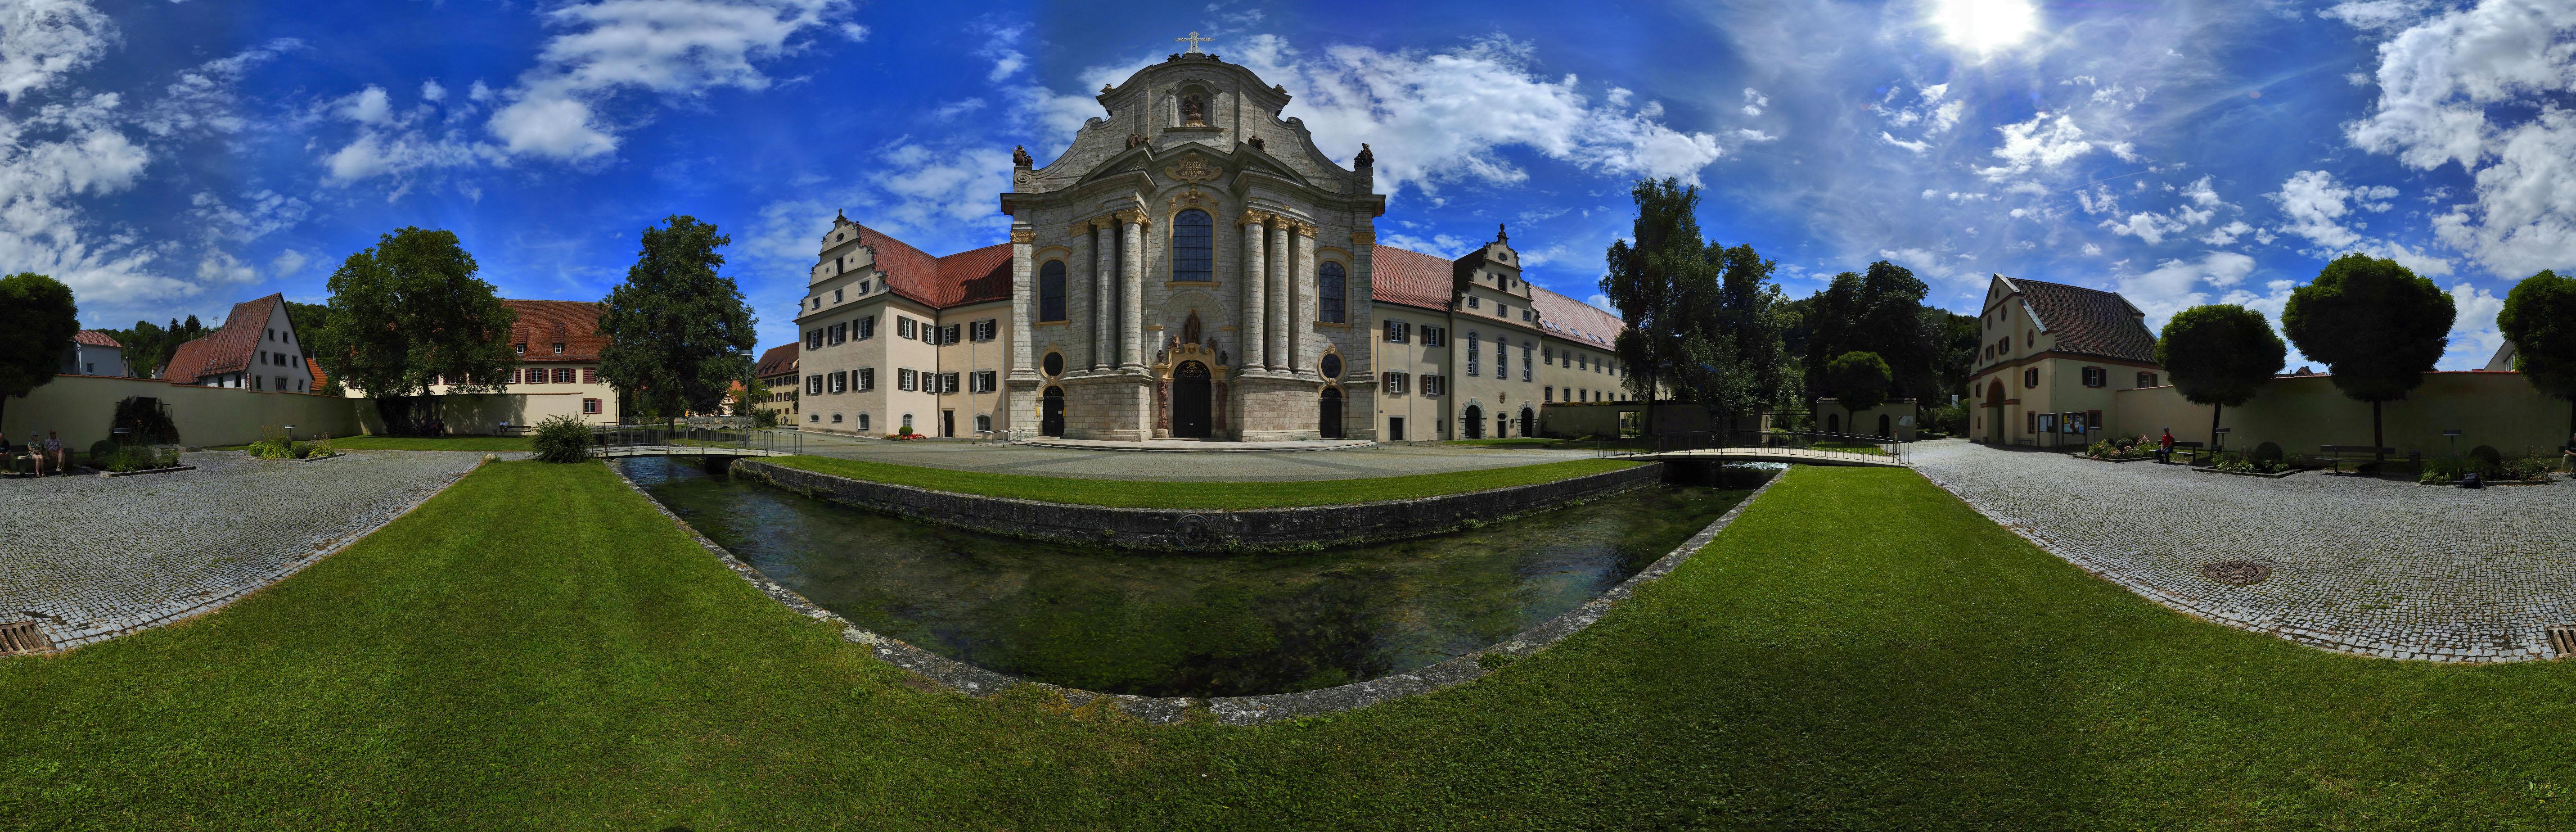 360° Kloster Zwiefalten - aus 48 Einzelaufnahmen